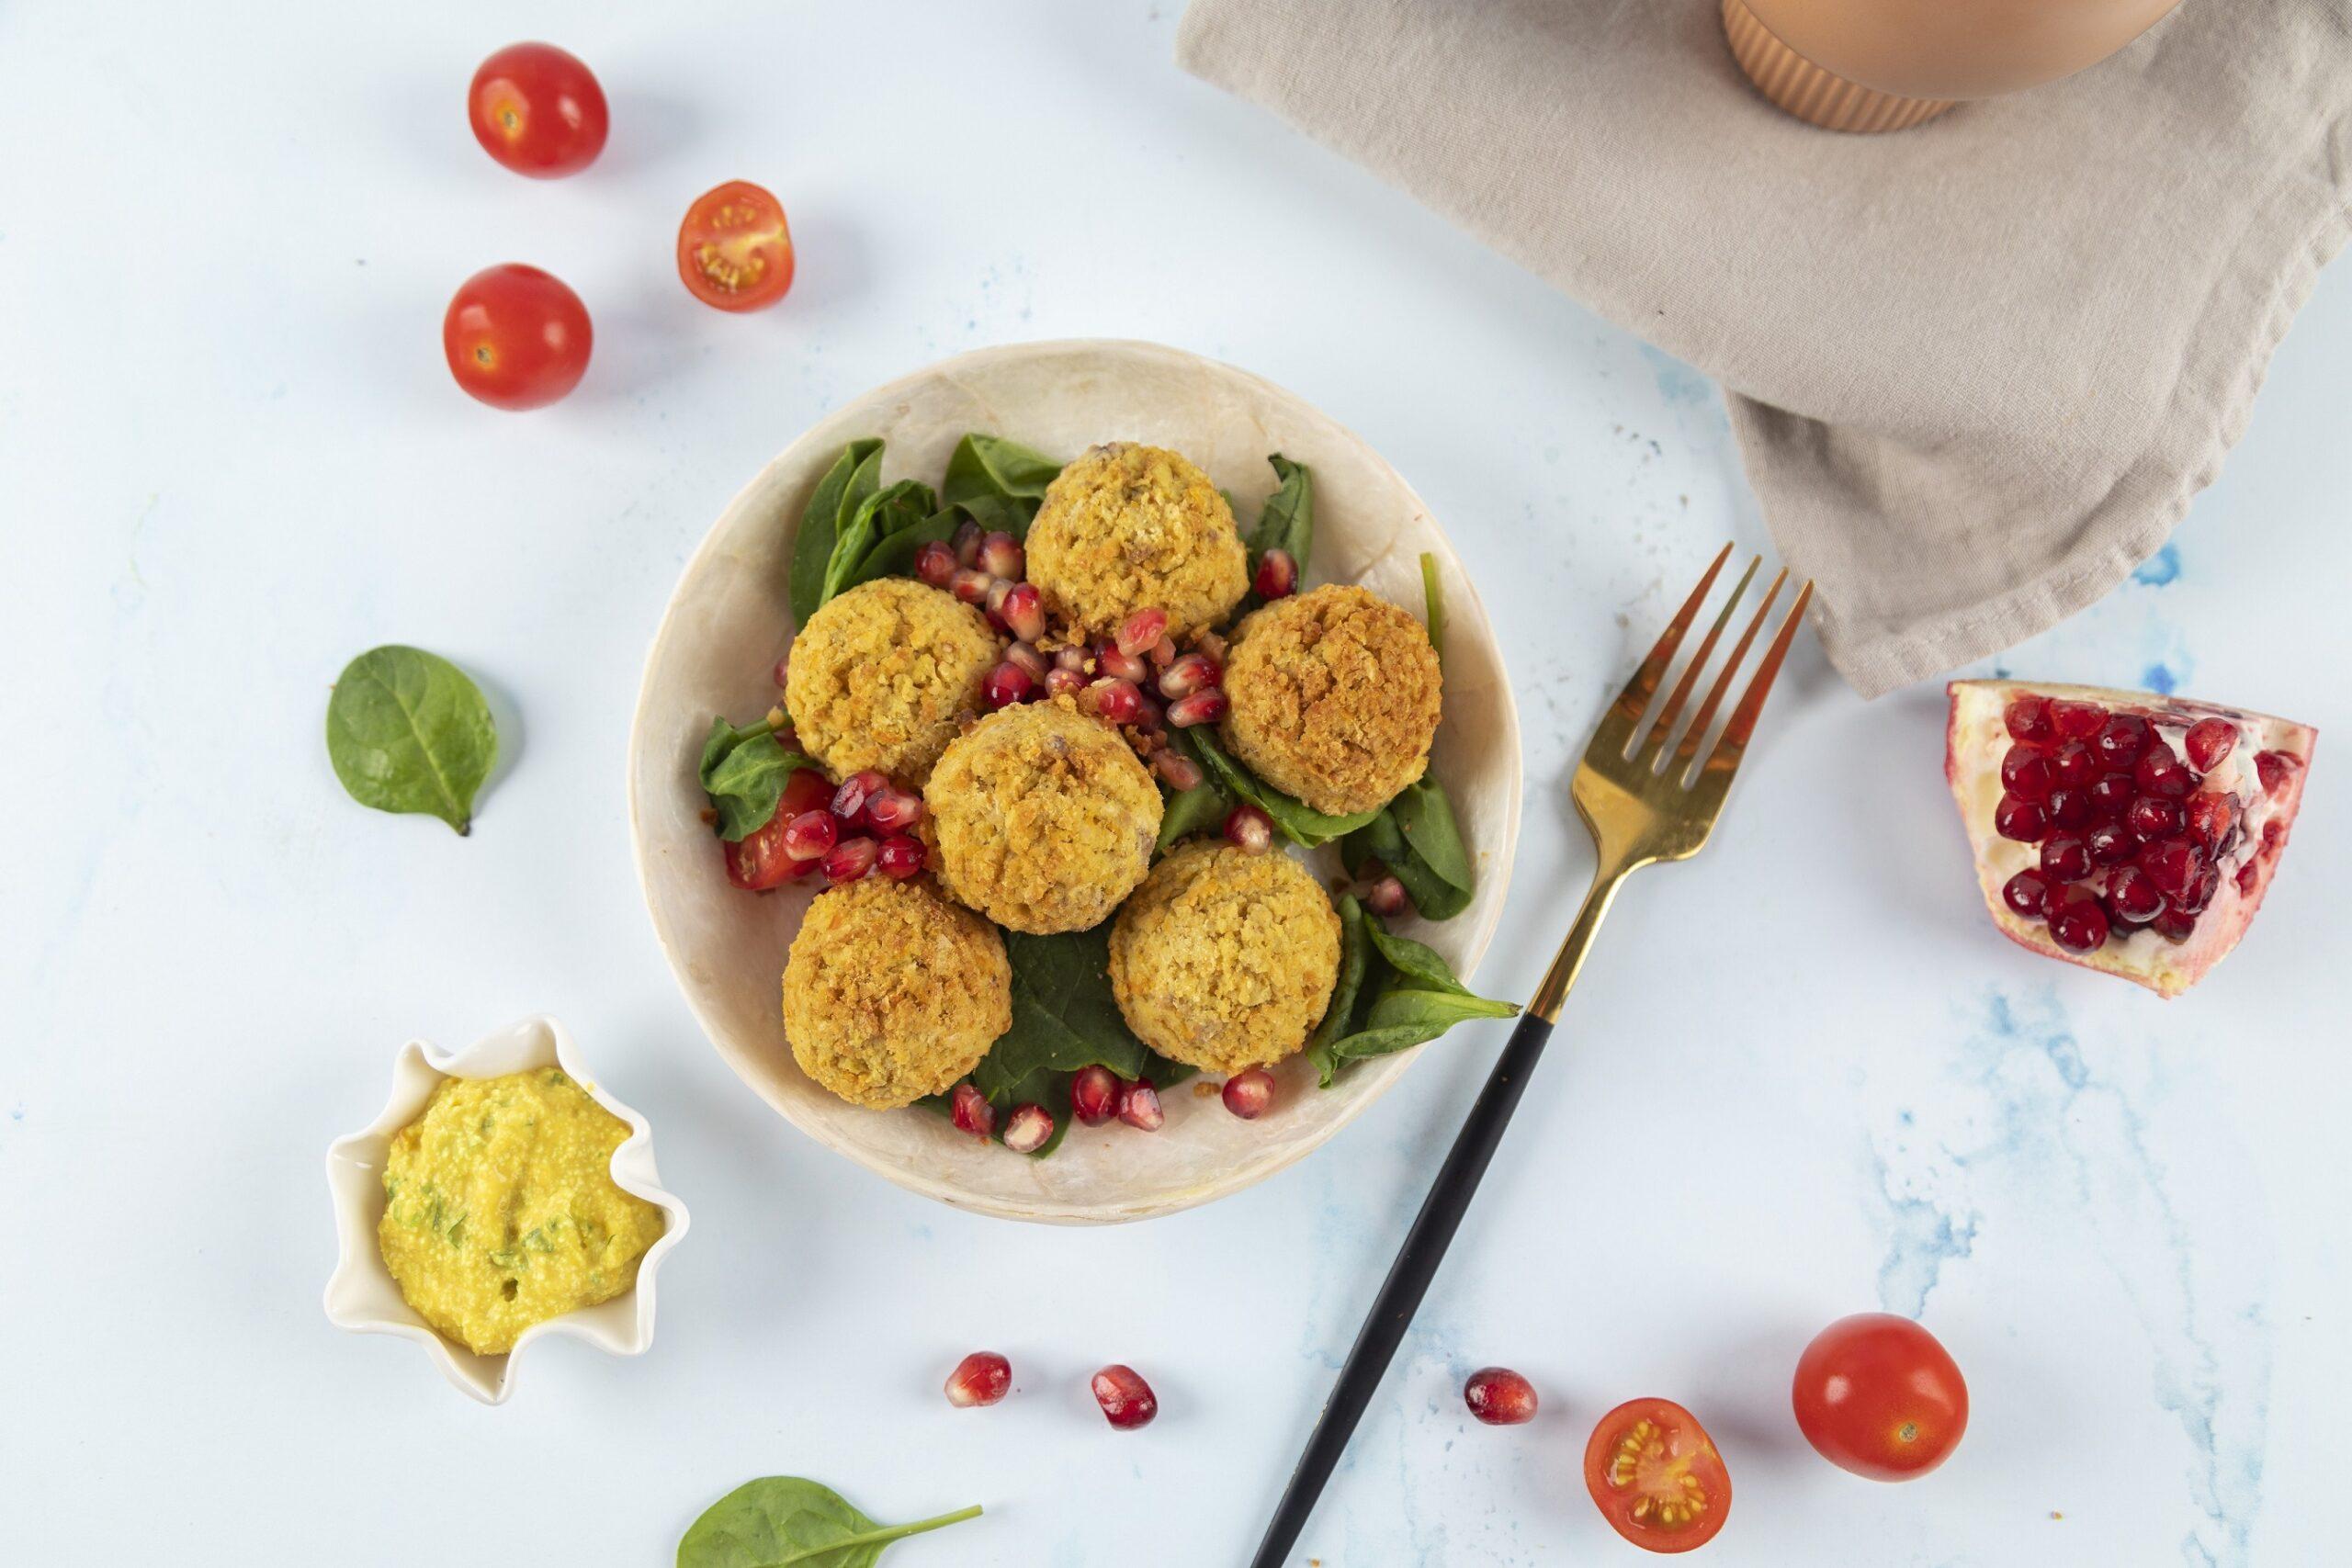 Dieta wegetariańska wzmacnia odporność. 1 października – Światowy Dzień Wegetarianizmu